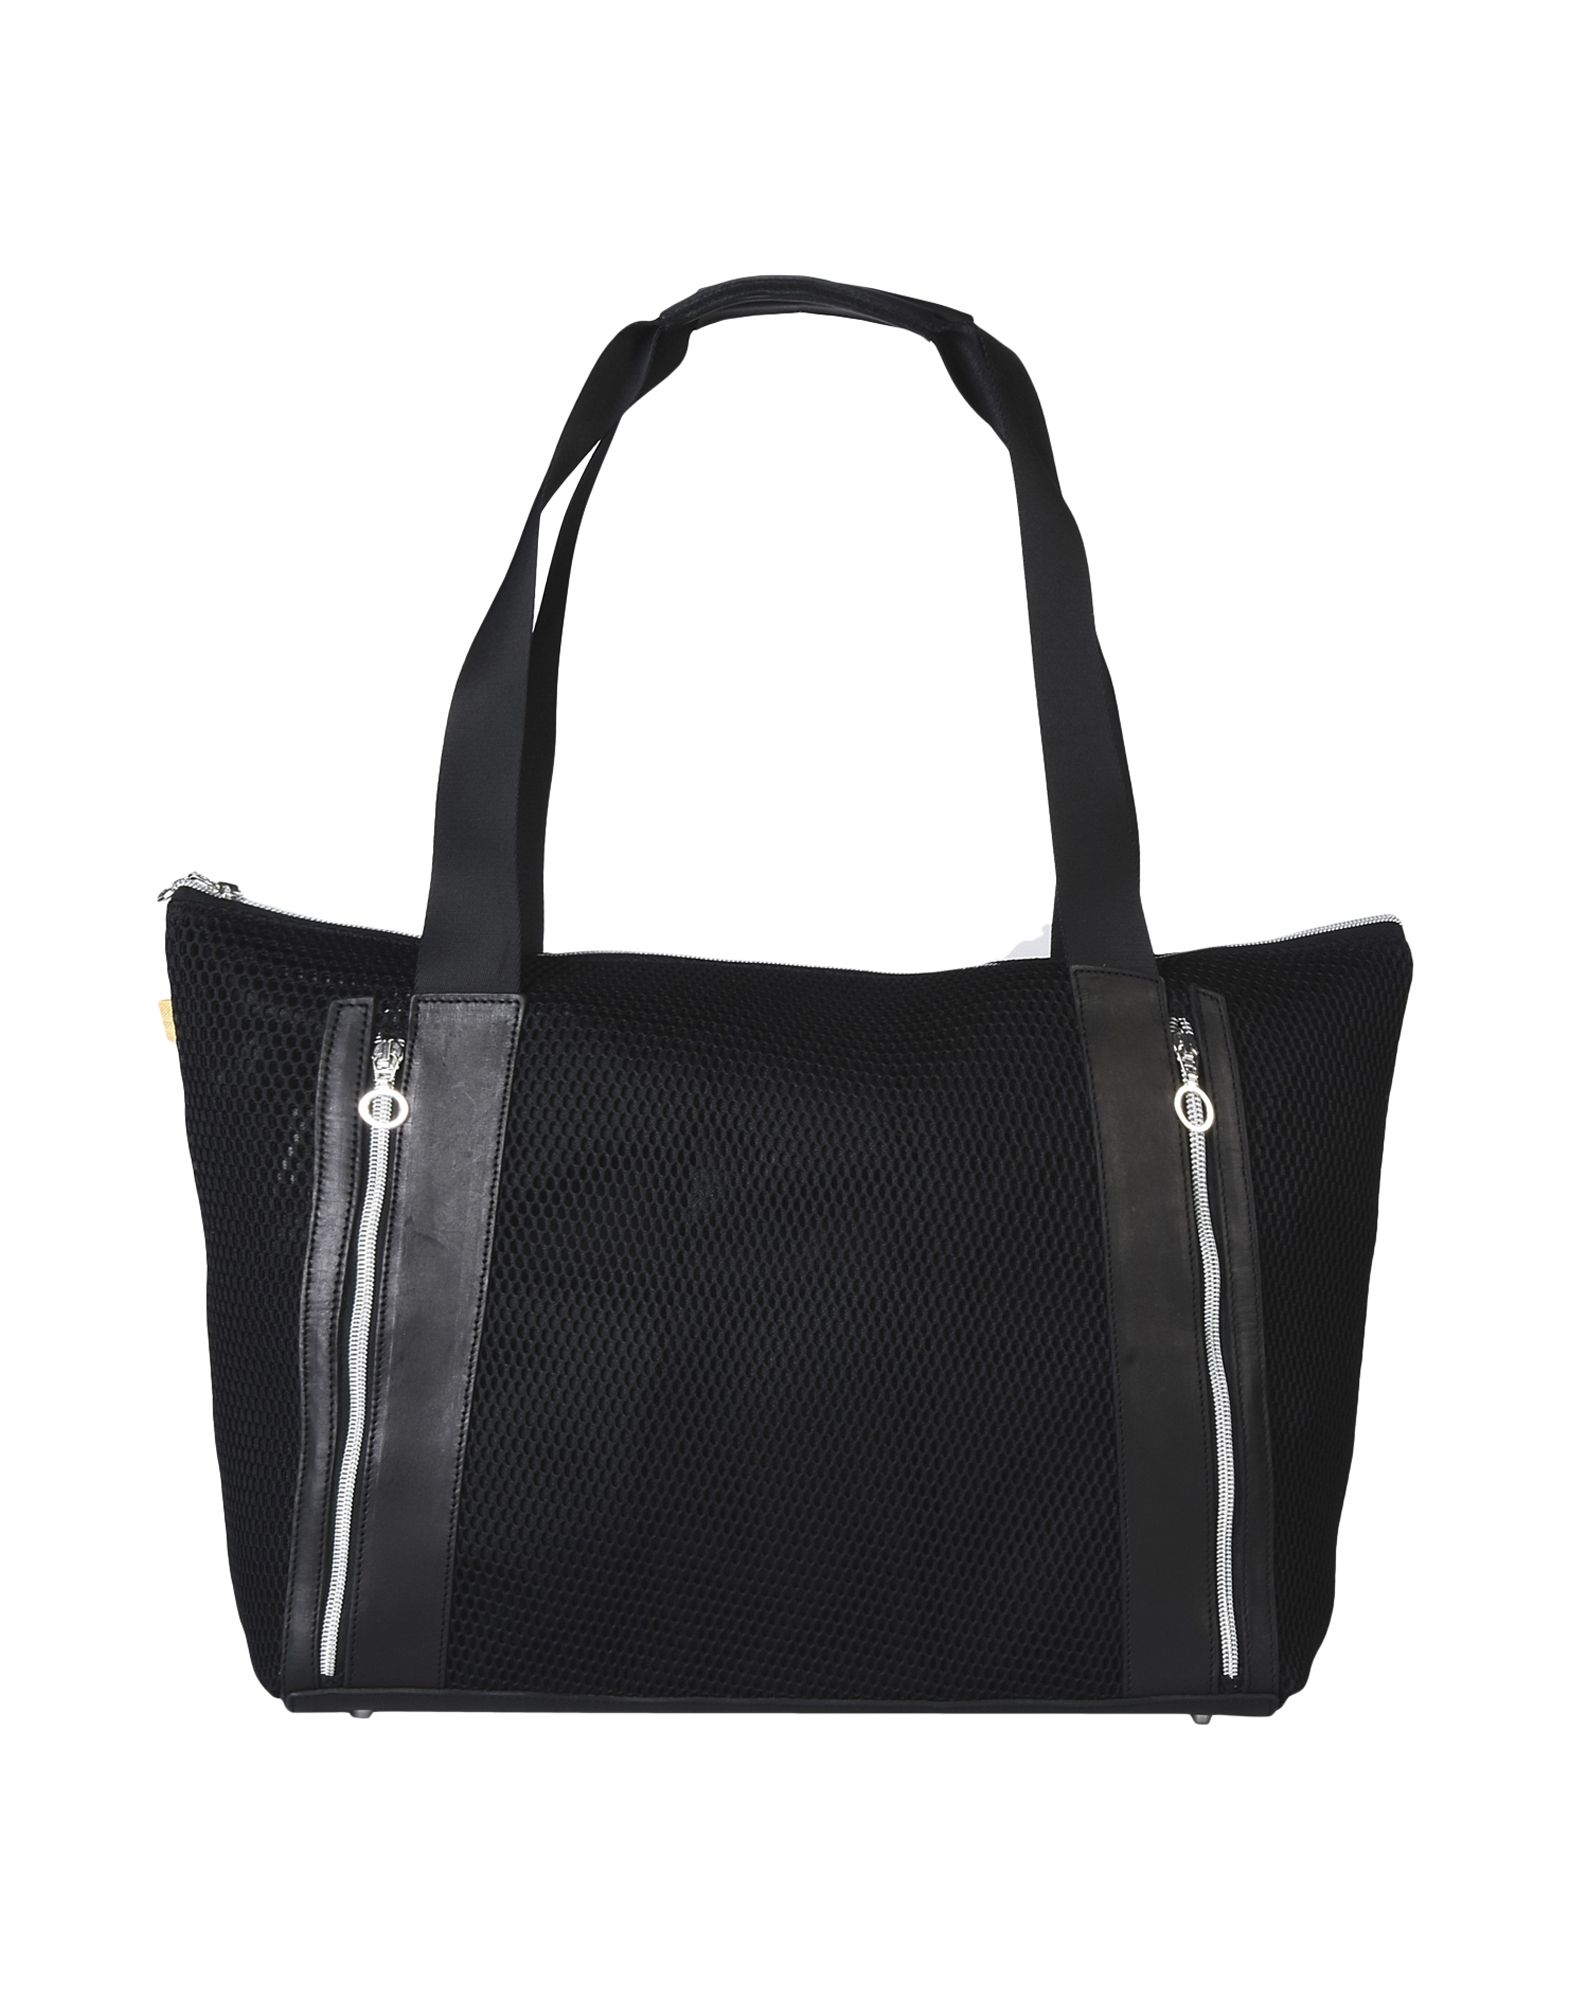 Borsa A Spalla Monreal London Victory Bag - Donna - Acquista online su